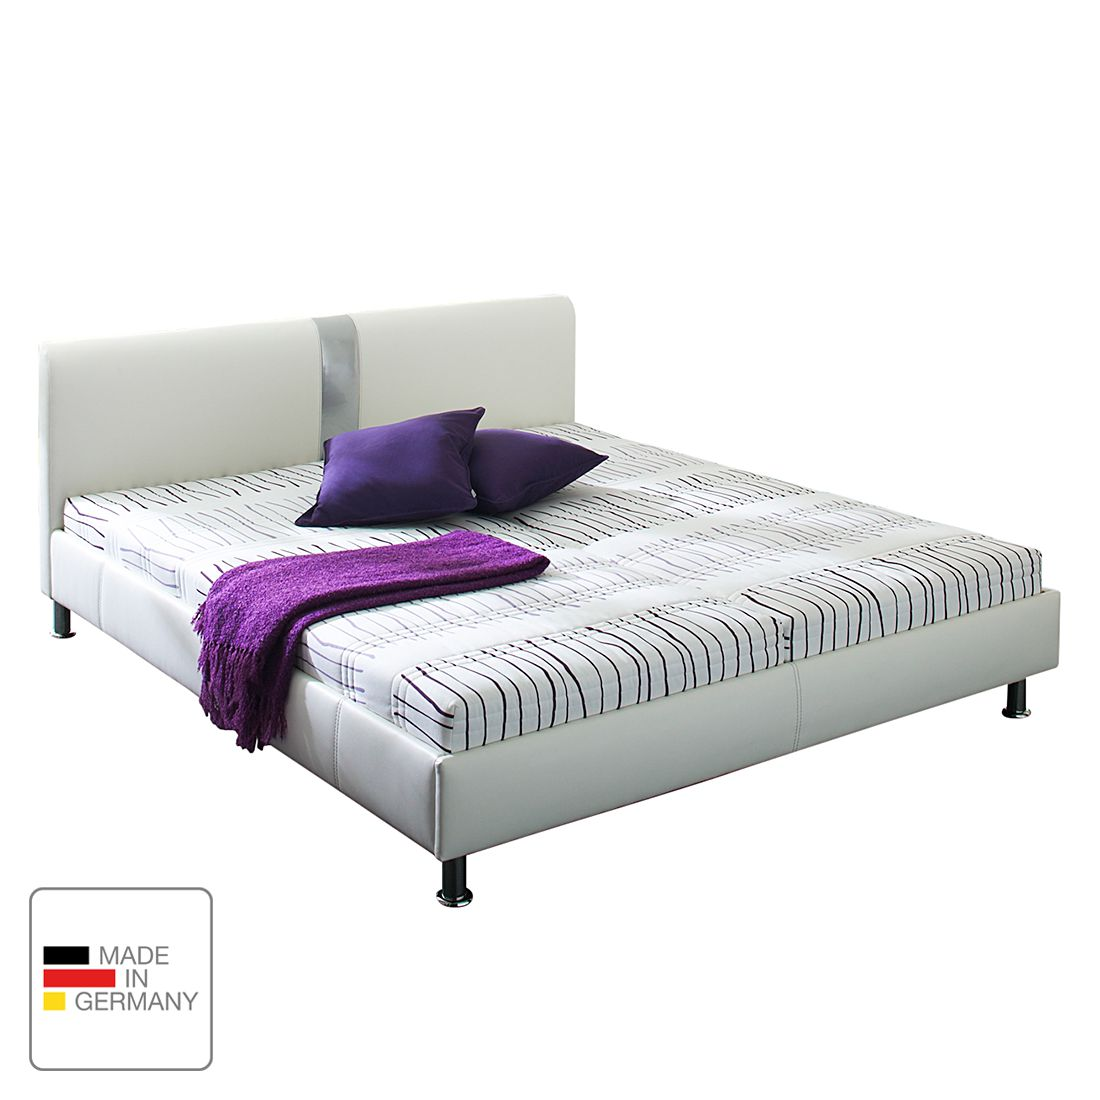 Lit capitonné Umea - Imitation cuir - 140 x 200cm - Sans matelas - Structure de lit sans sommier à l